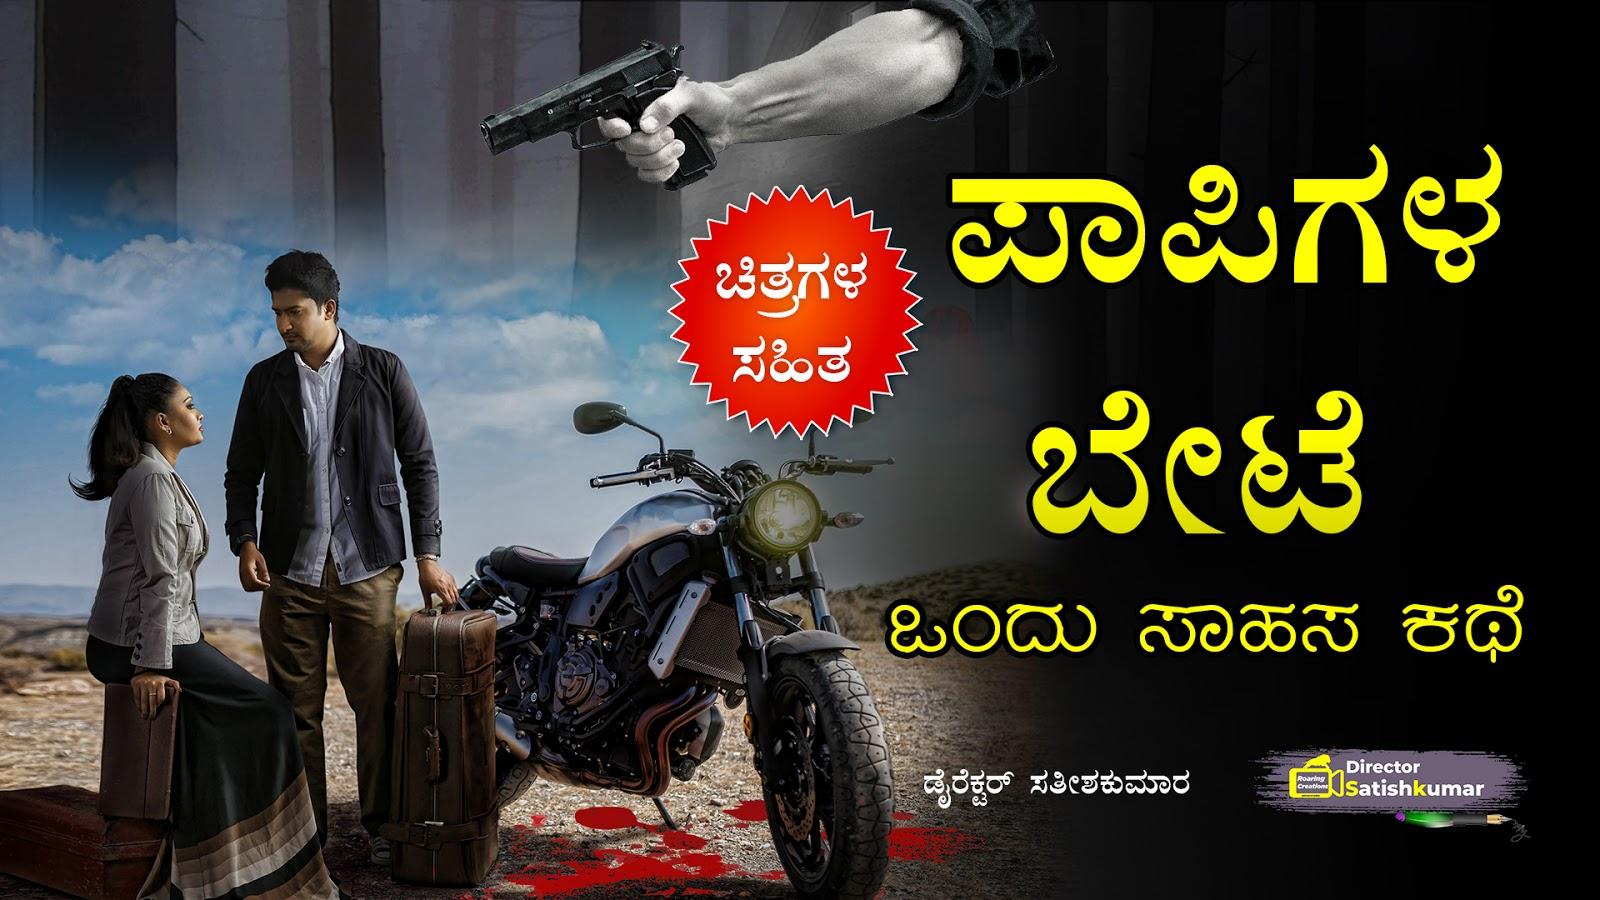 ಪಾಪಿಗಳ ಬೇಟೆ - ಒಂದು ಸಾಹಸ ಕಥೆ - Kannada Thriller Story - Kannada Crime Stories